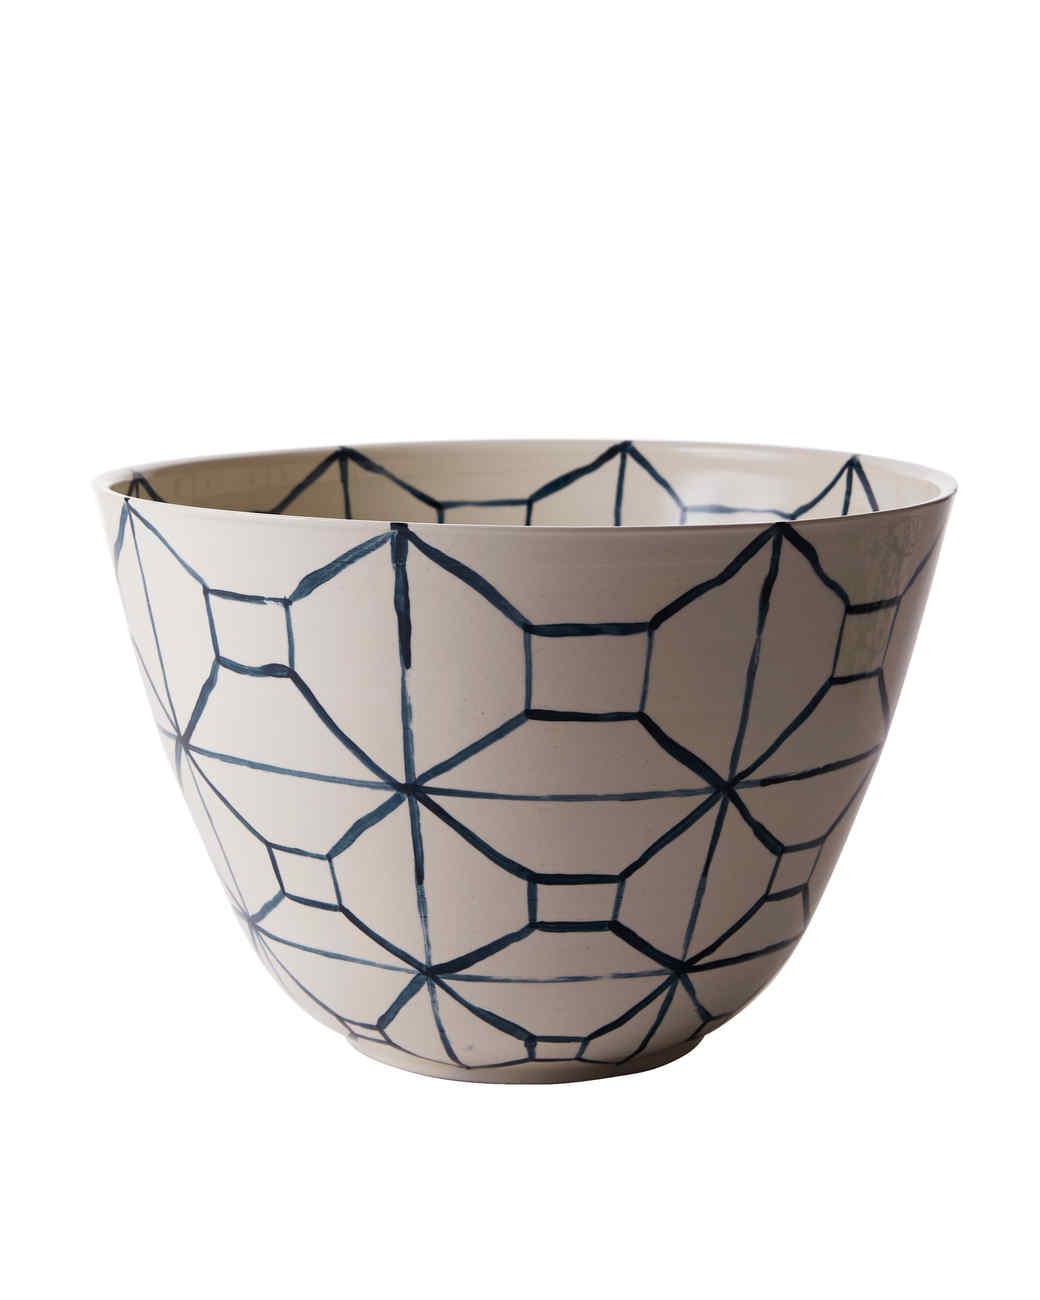 workaday-bowls-179-d111535.jpg